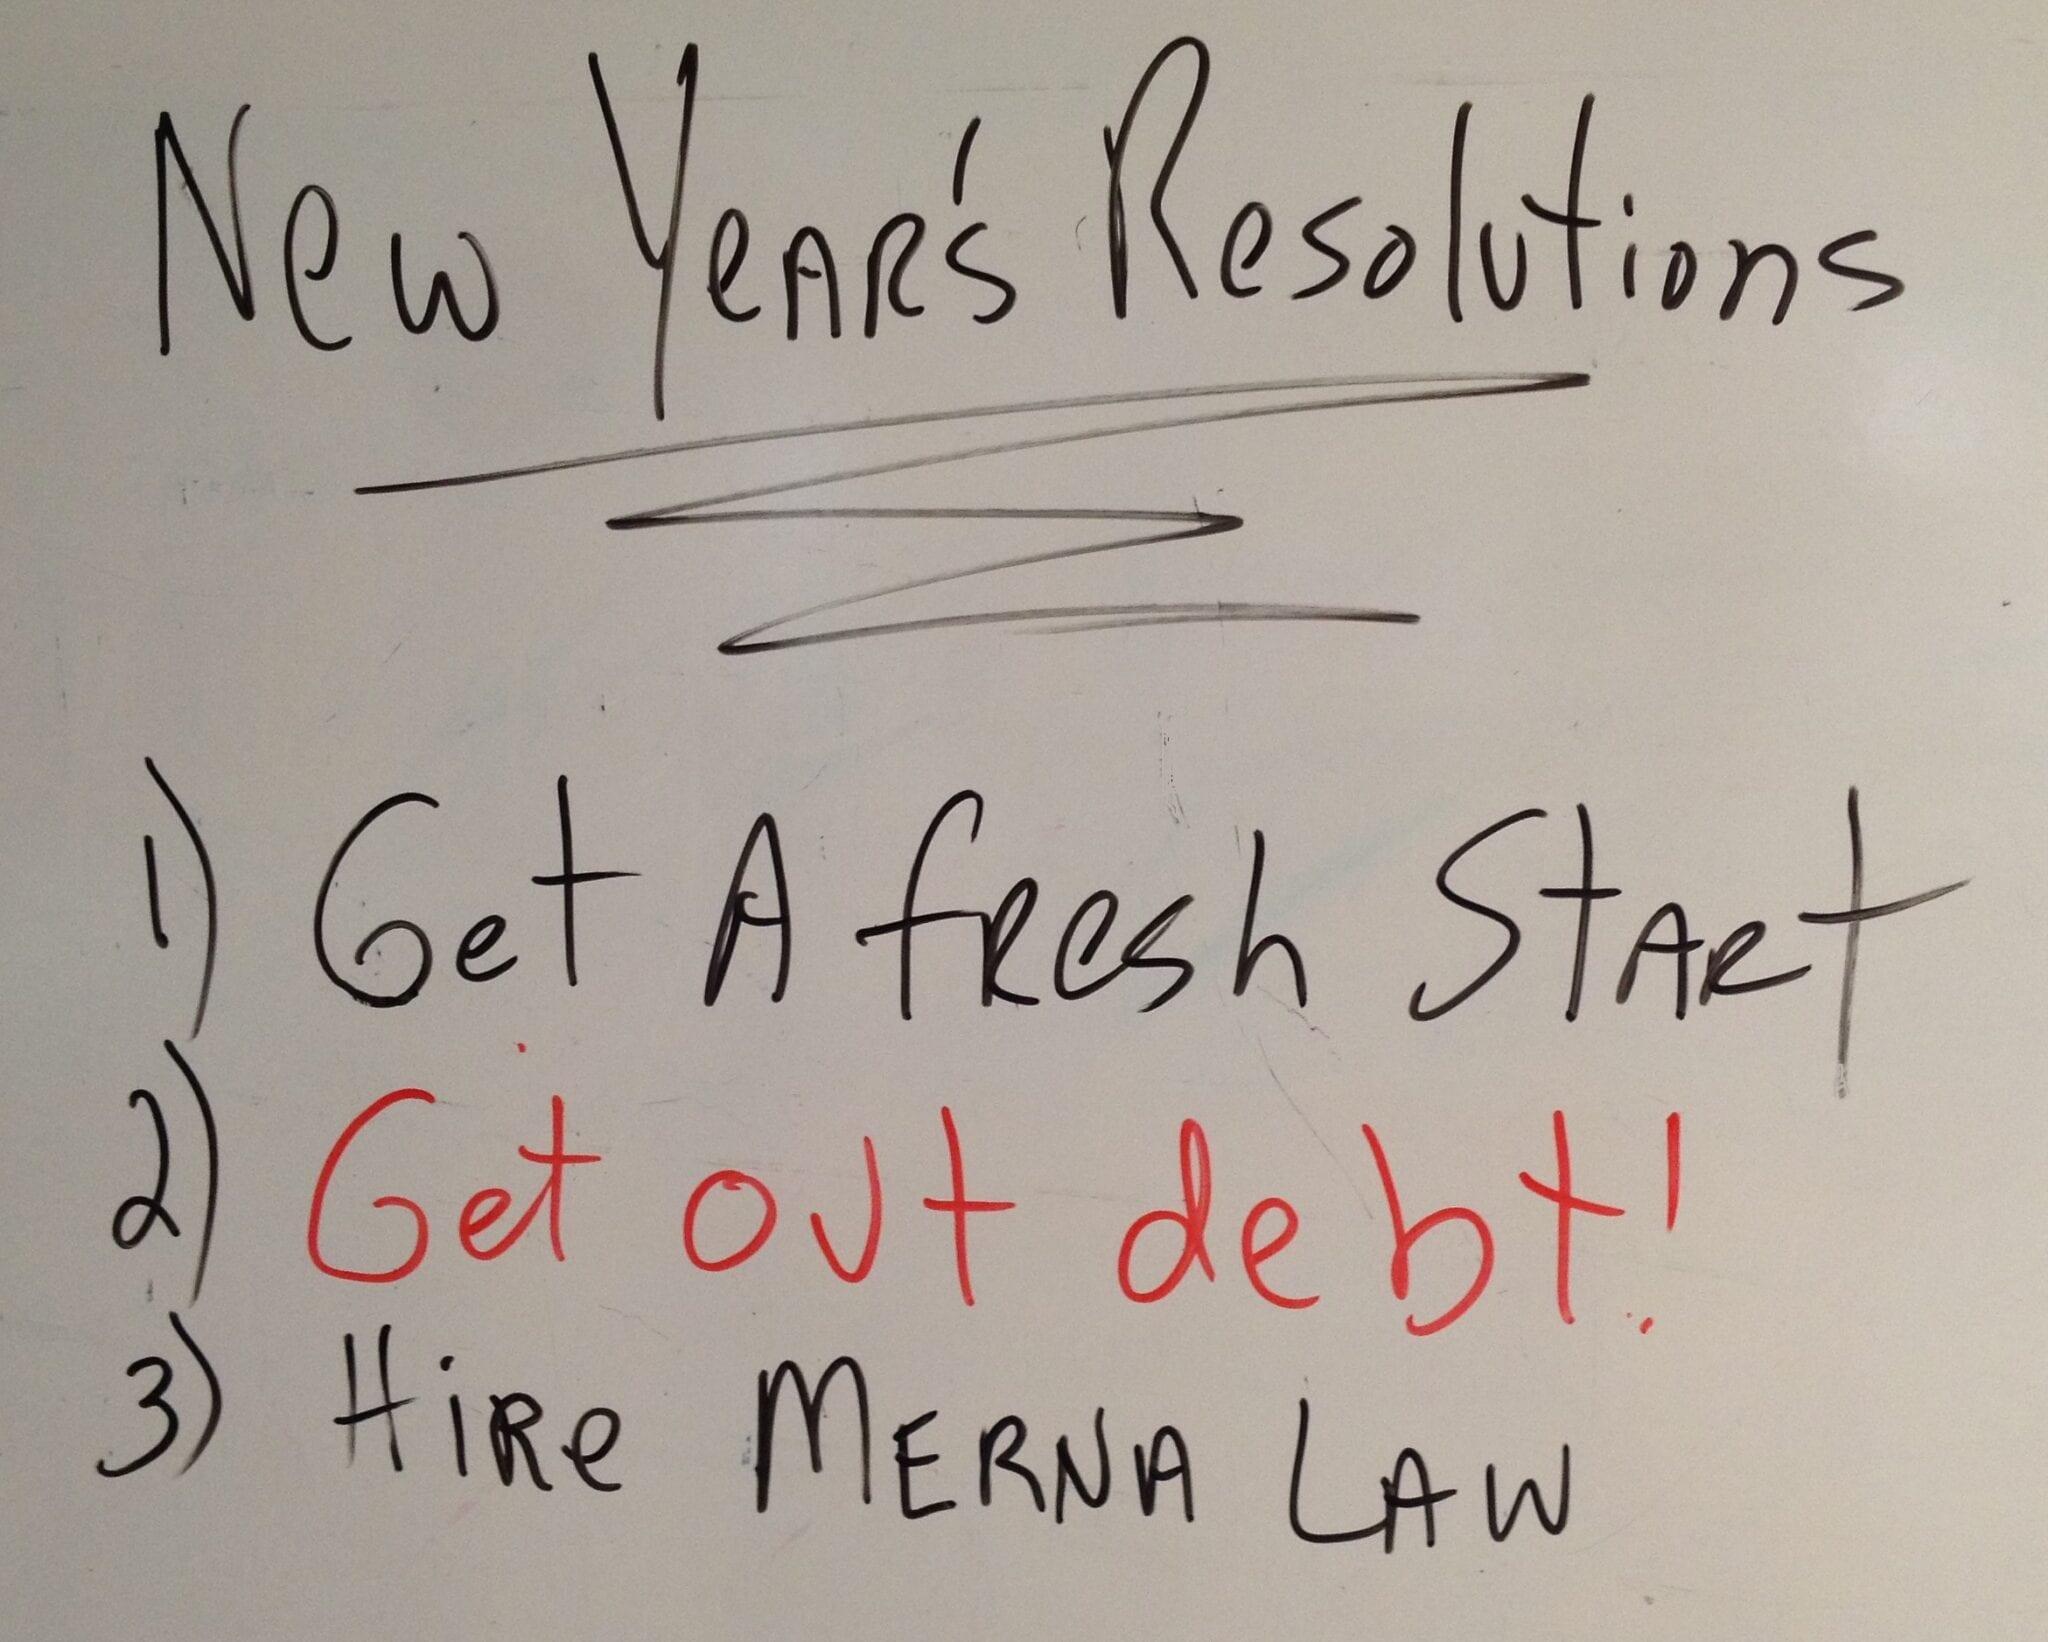 Bankruptcy - Resolutions - Virginia Beach, Newport News, Richmond